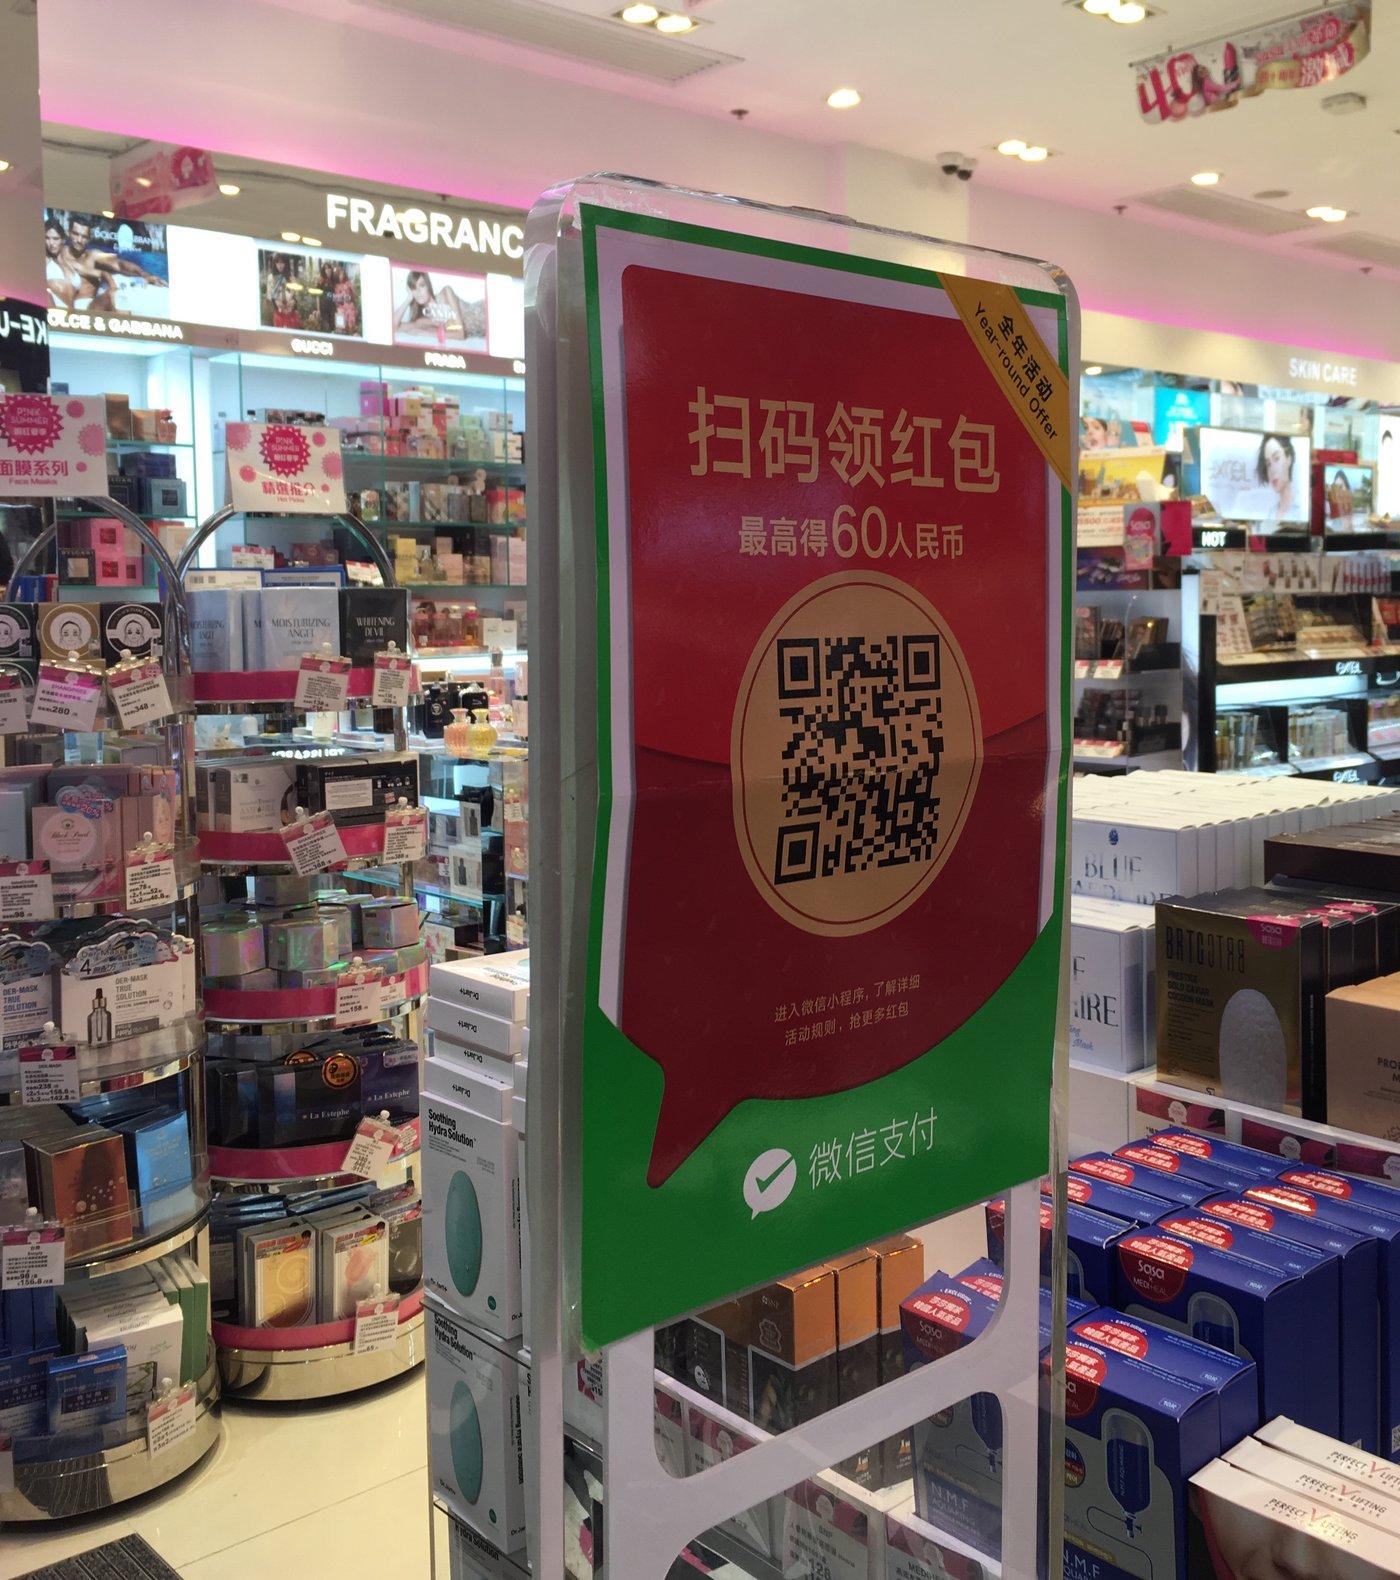 香港商铺内的微信支付海报